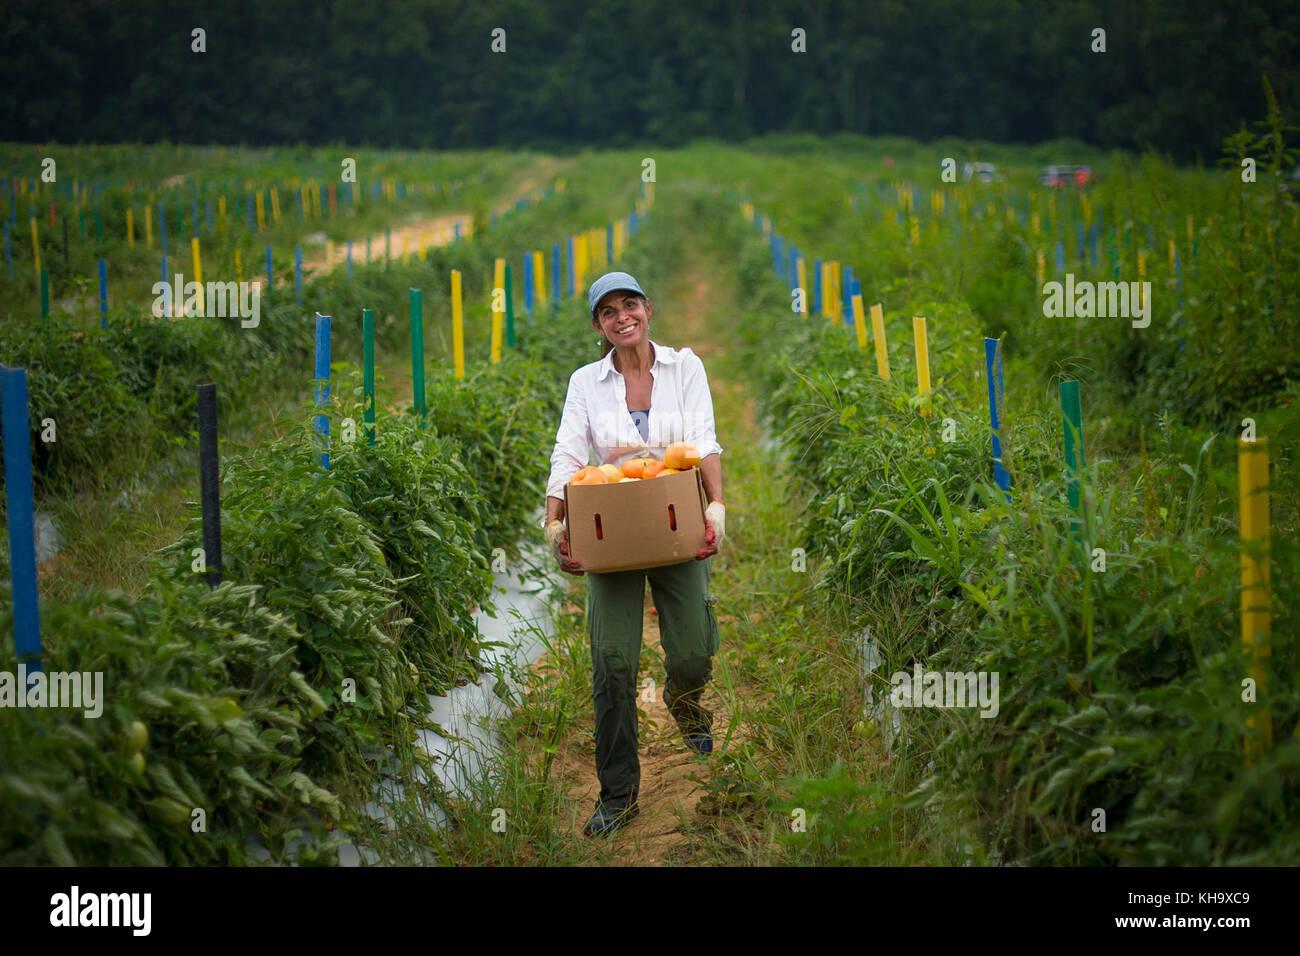 Ministère de l'agriculture des États-Unis (USDA) développement rural (rd) Ingrid ripley tire Photo Stock